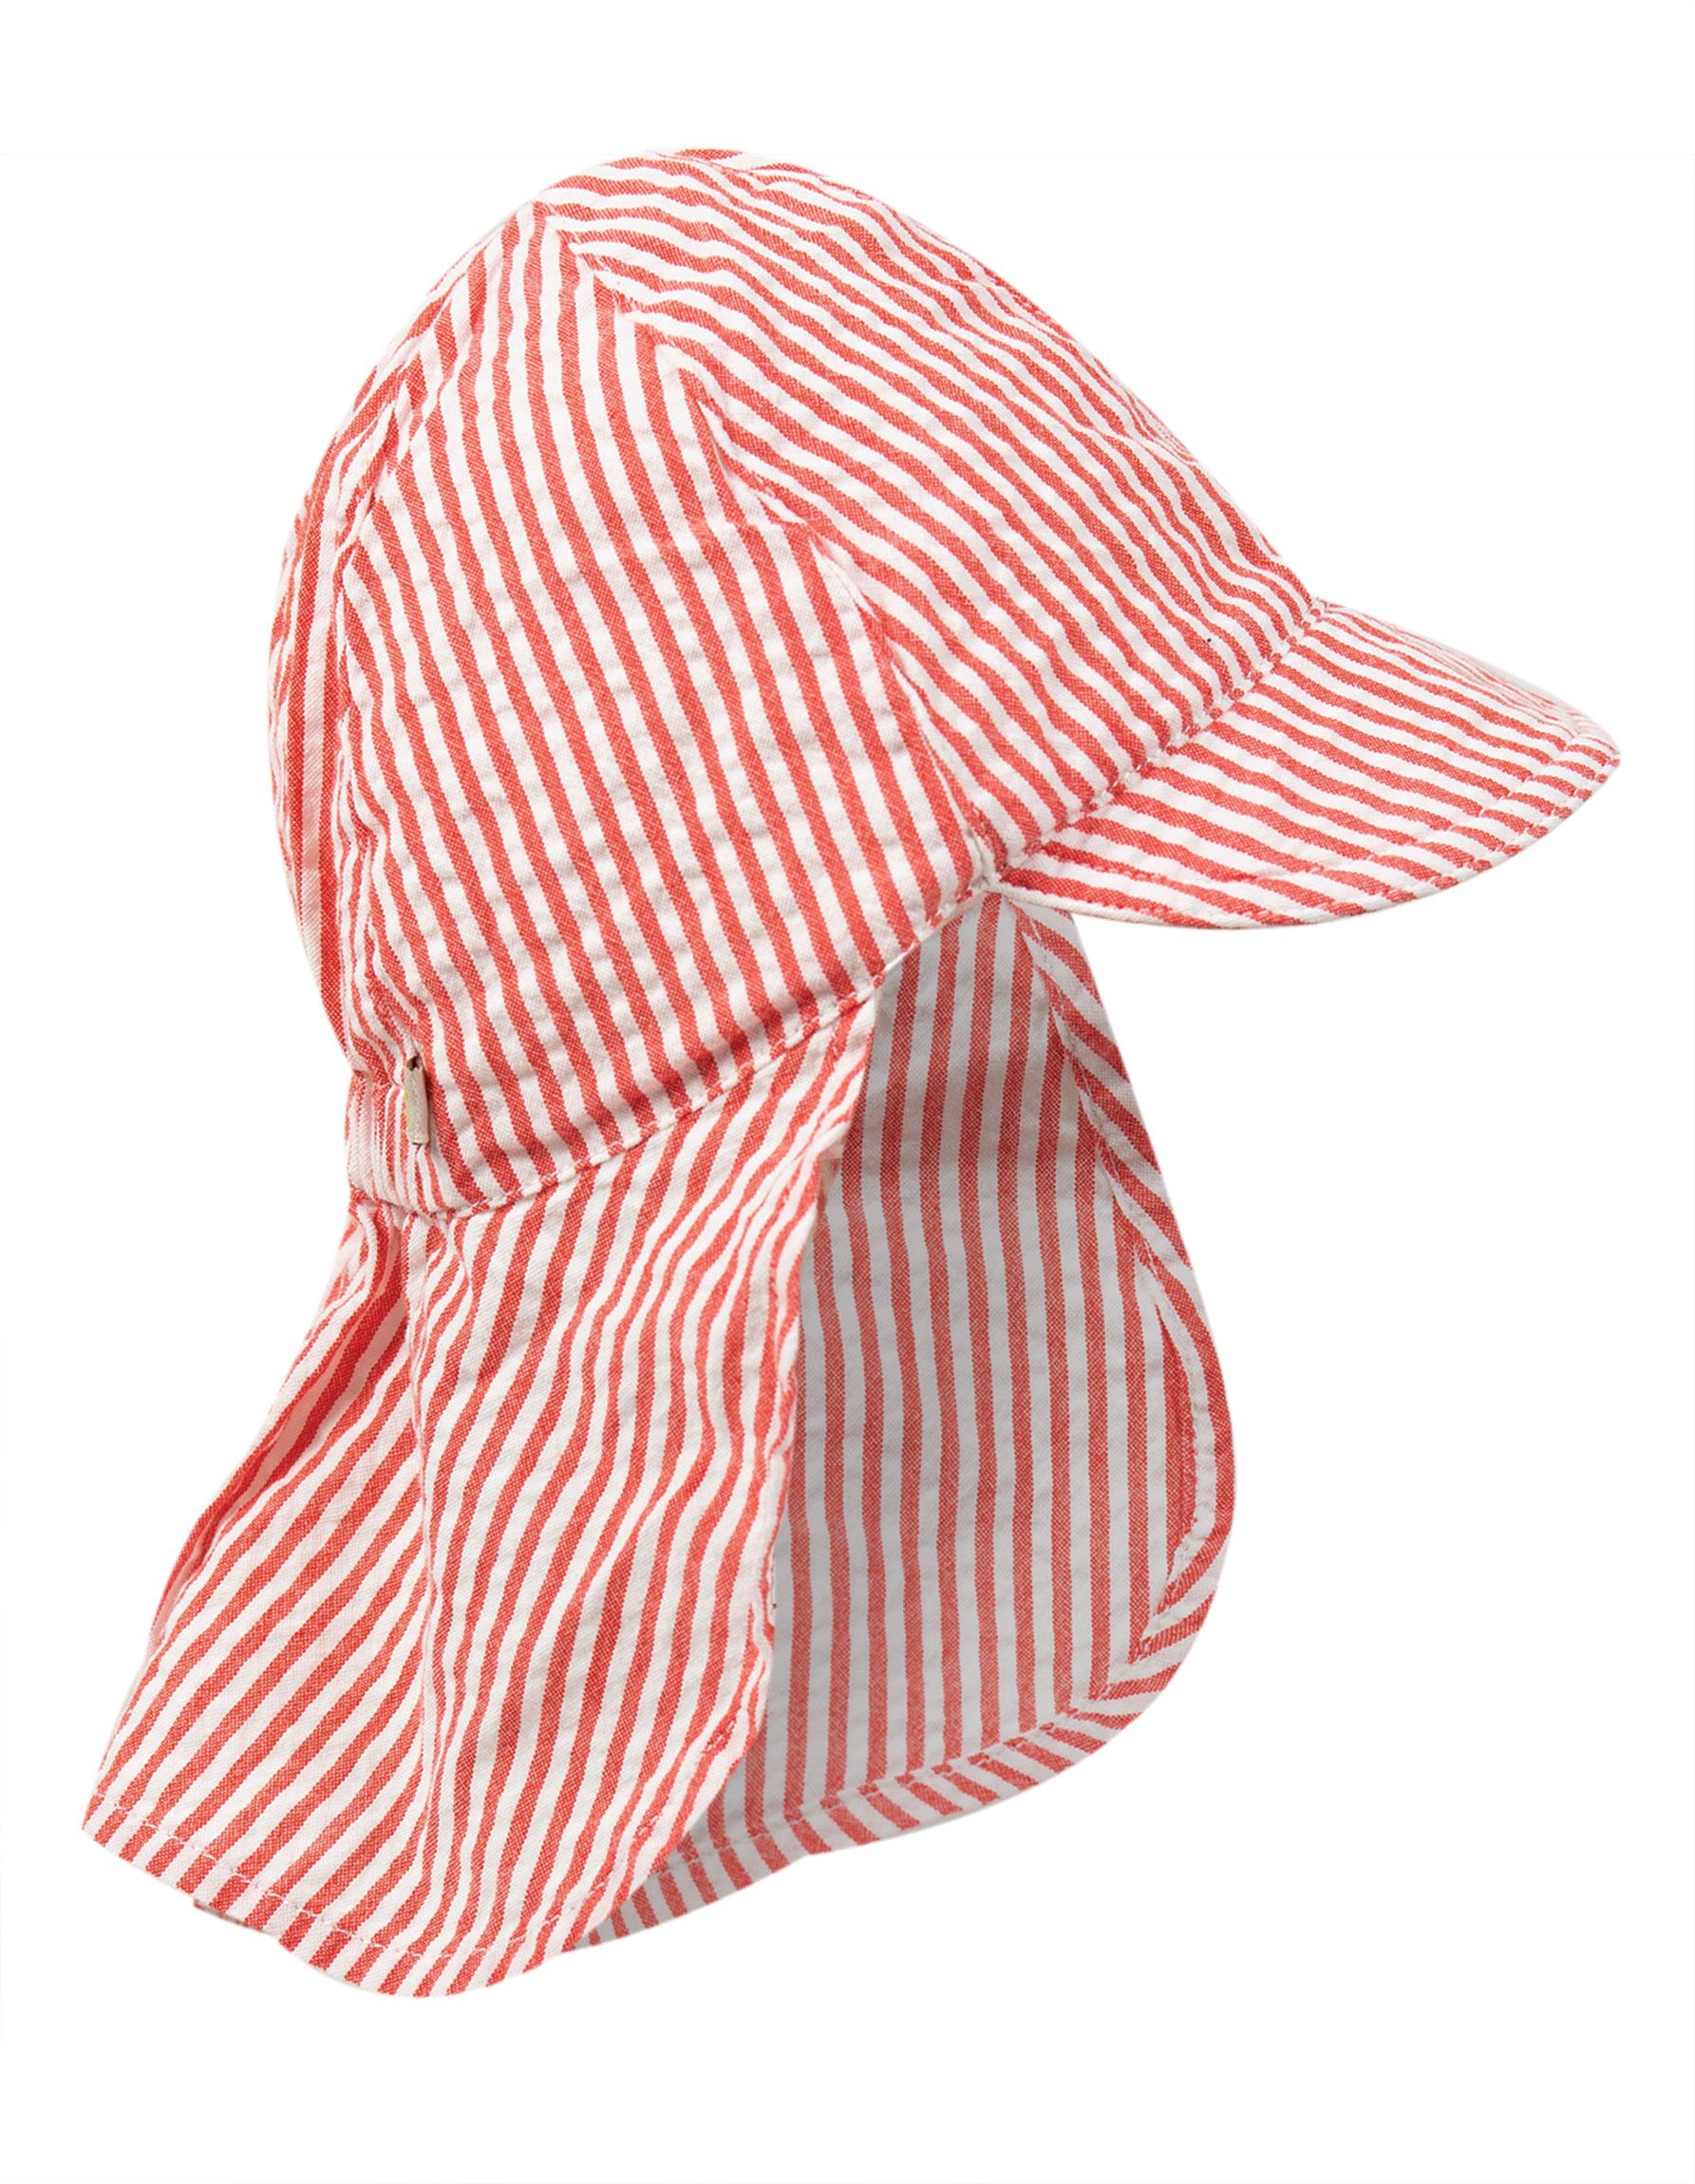 Frugi - Seersucker Legionnaires hat - Koi Red Stripe